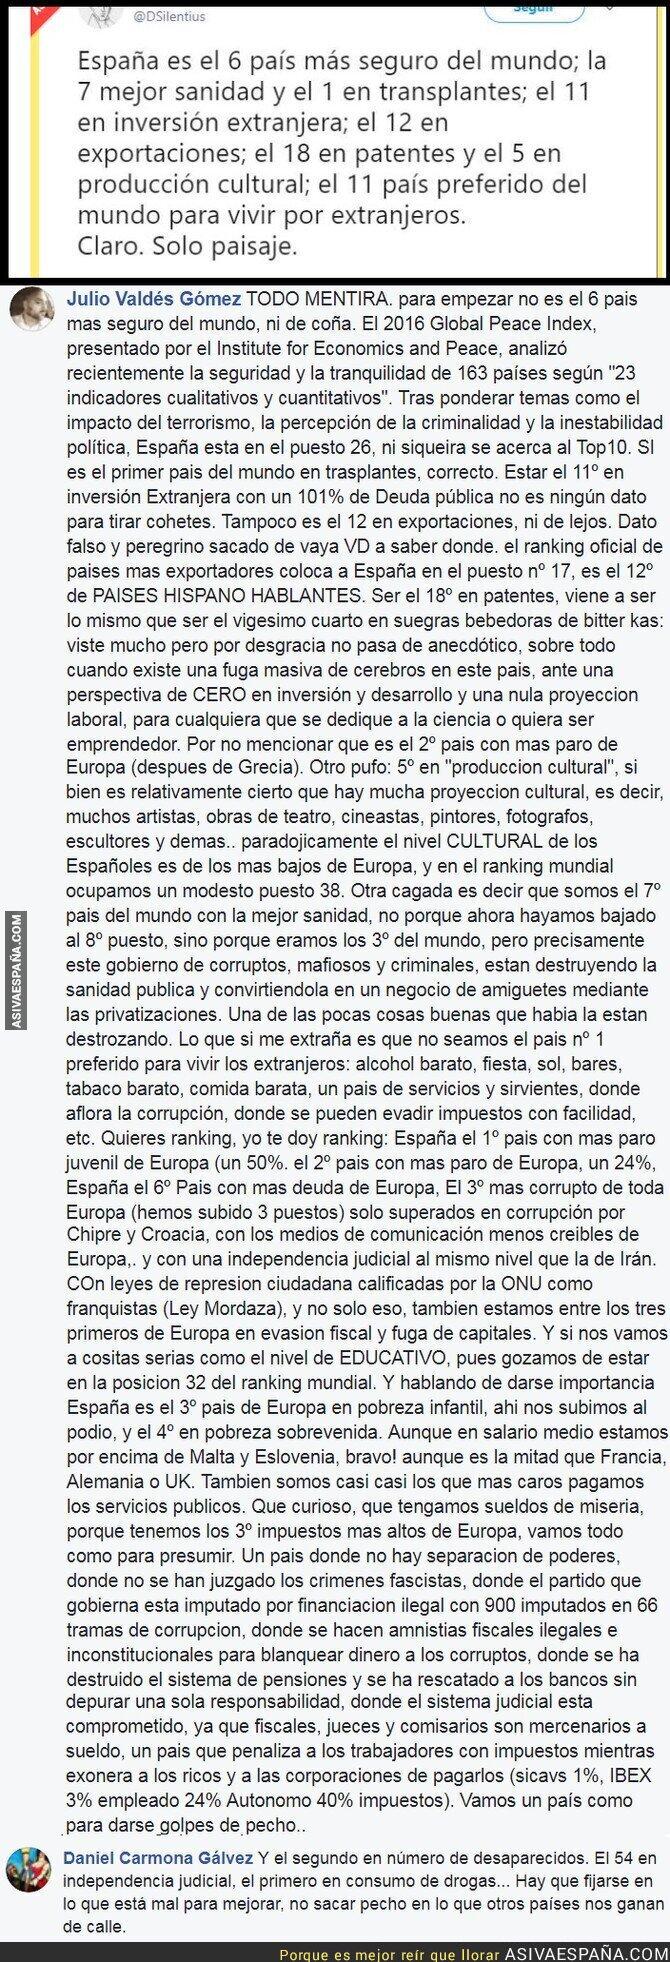 77623 - España es la mejor del mundo mundial, nos envidian... o no tanto.